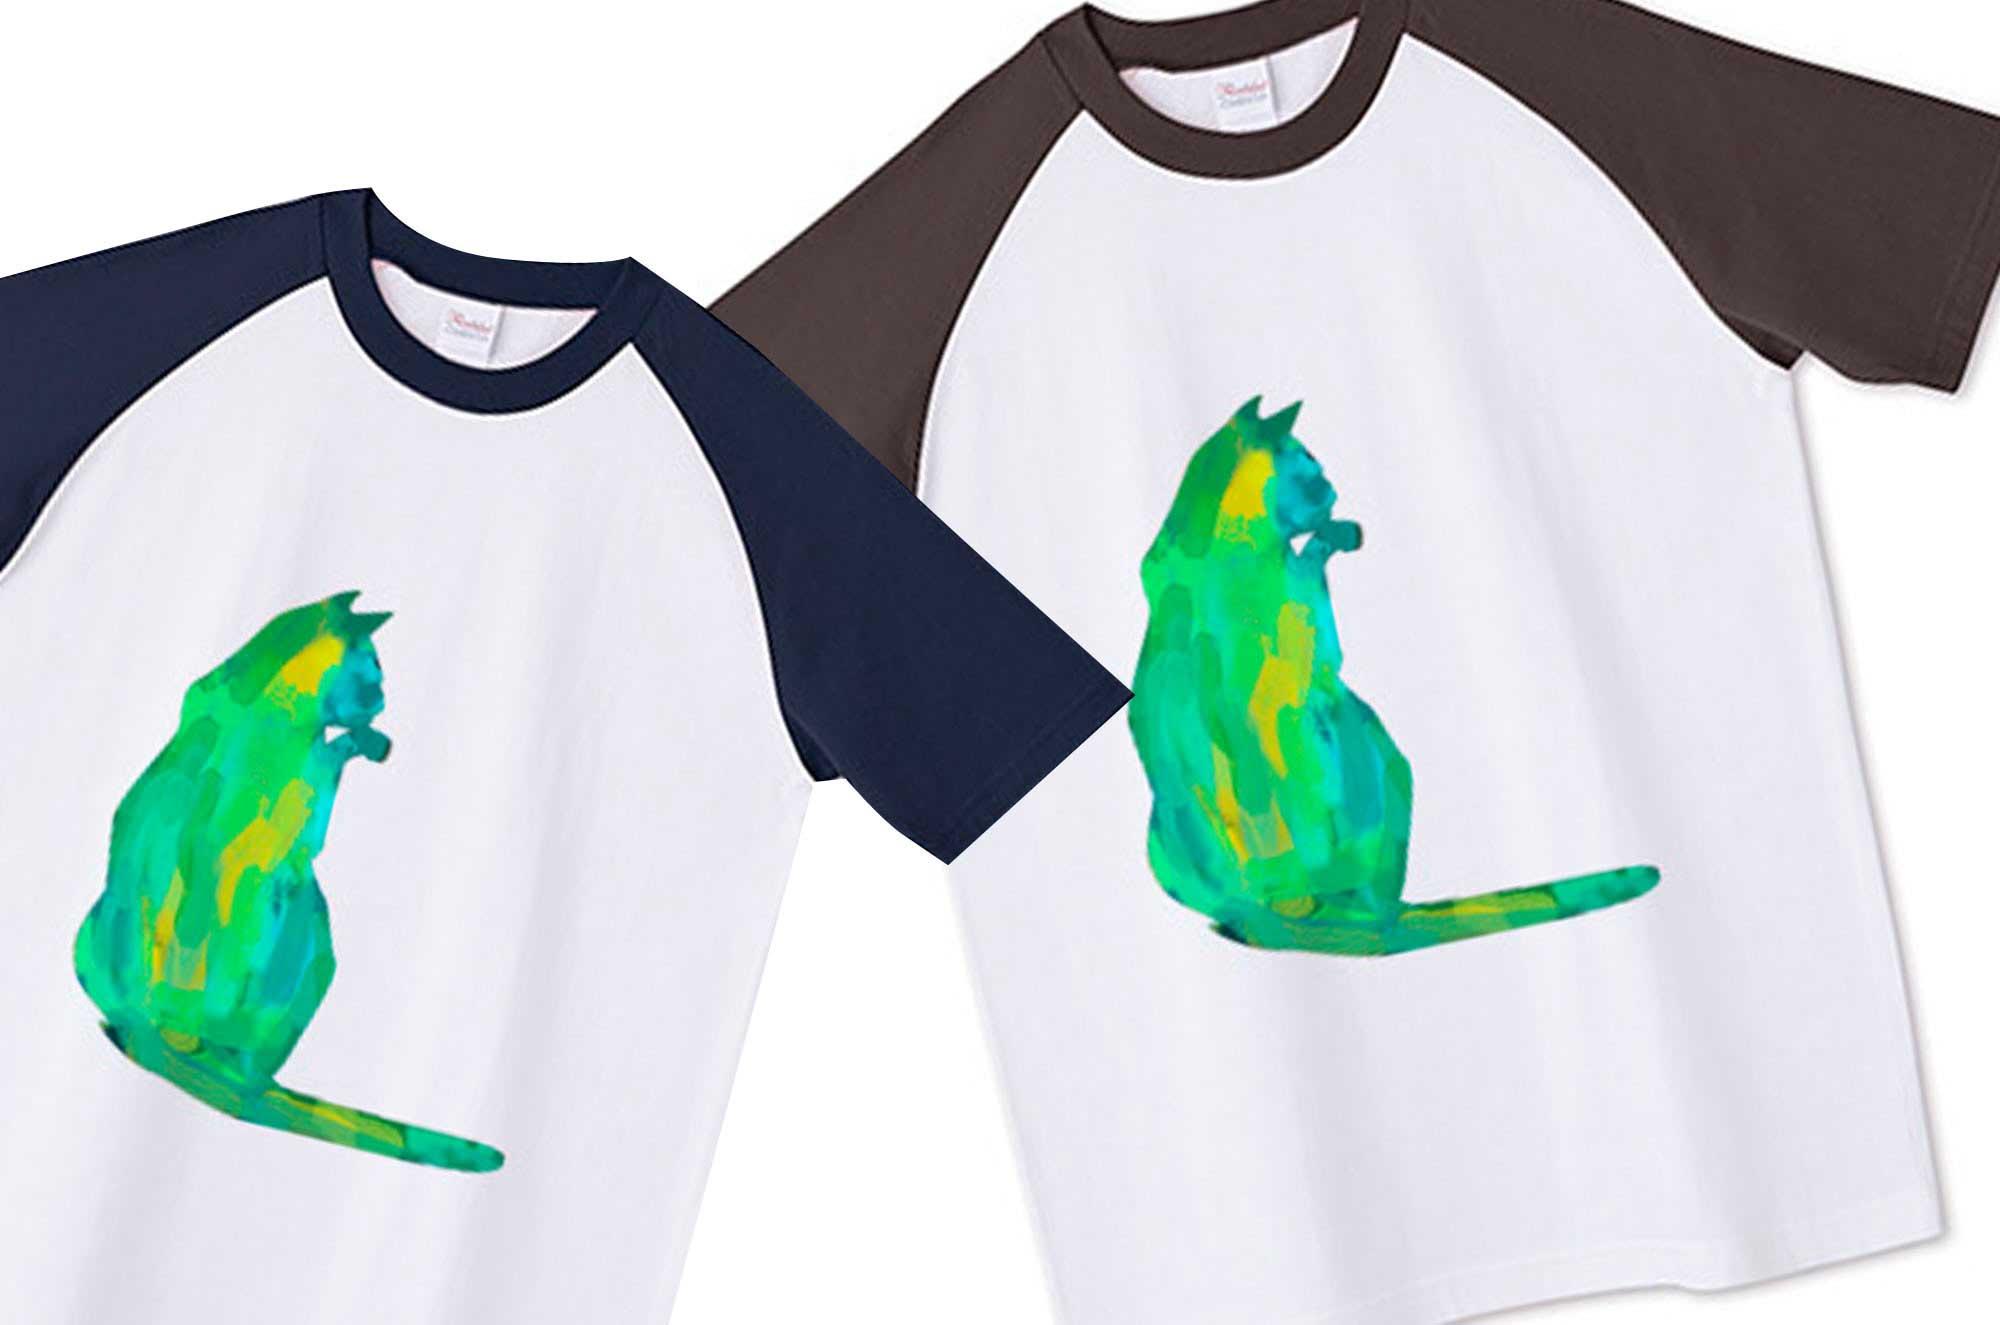 ラグランネコ水彩Tシャツ